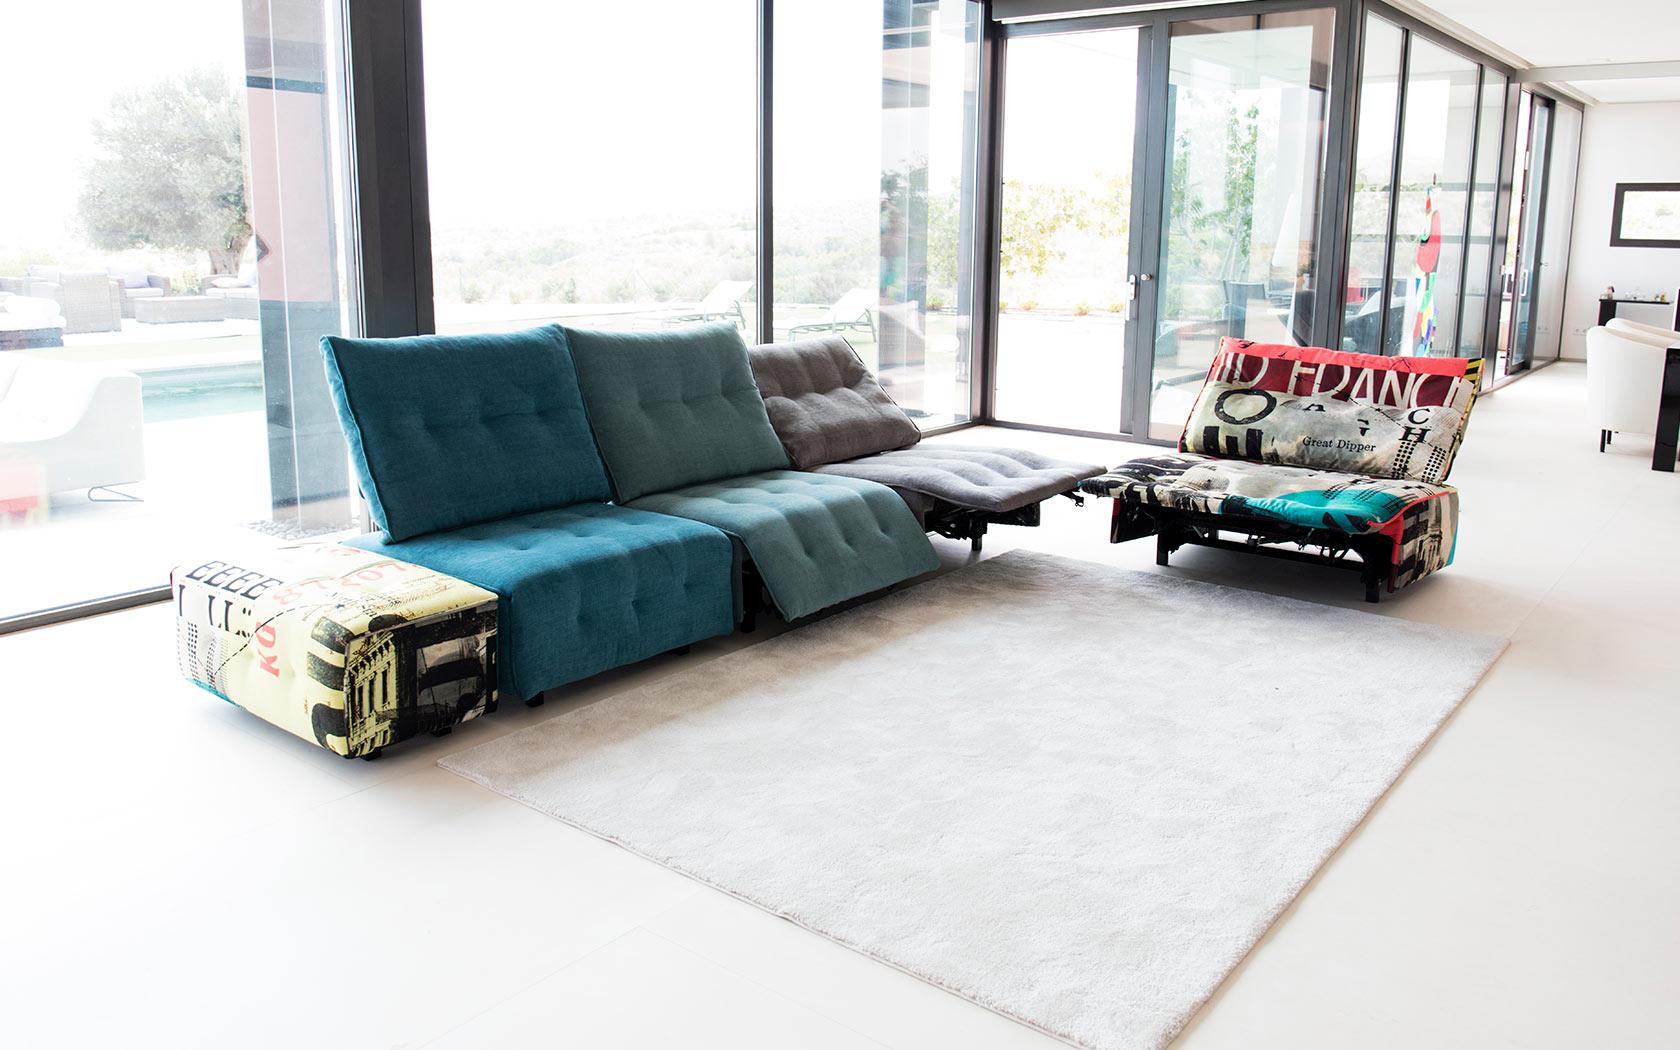 Urban sofa relax 2019 01